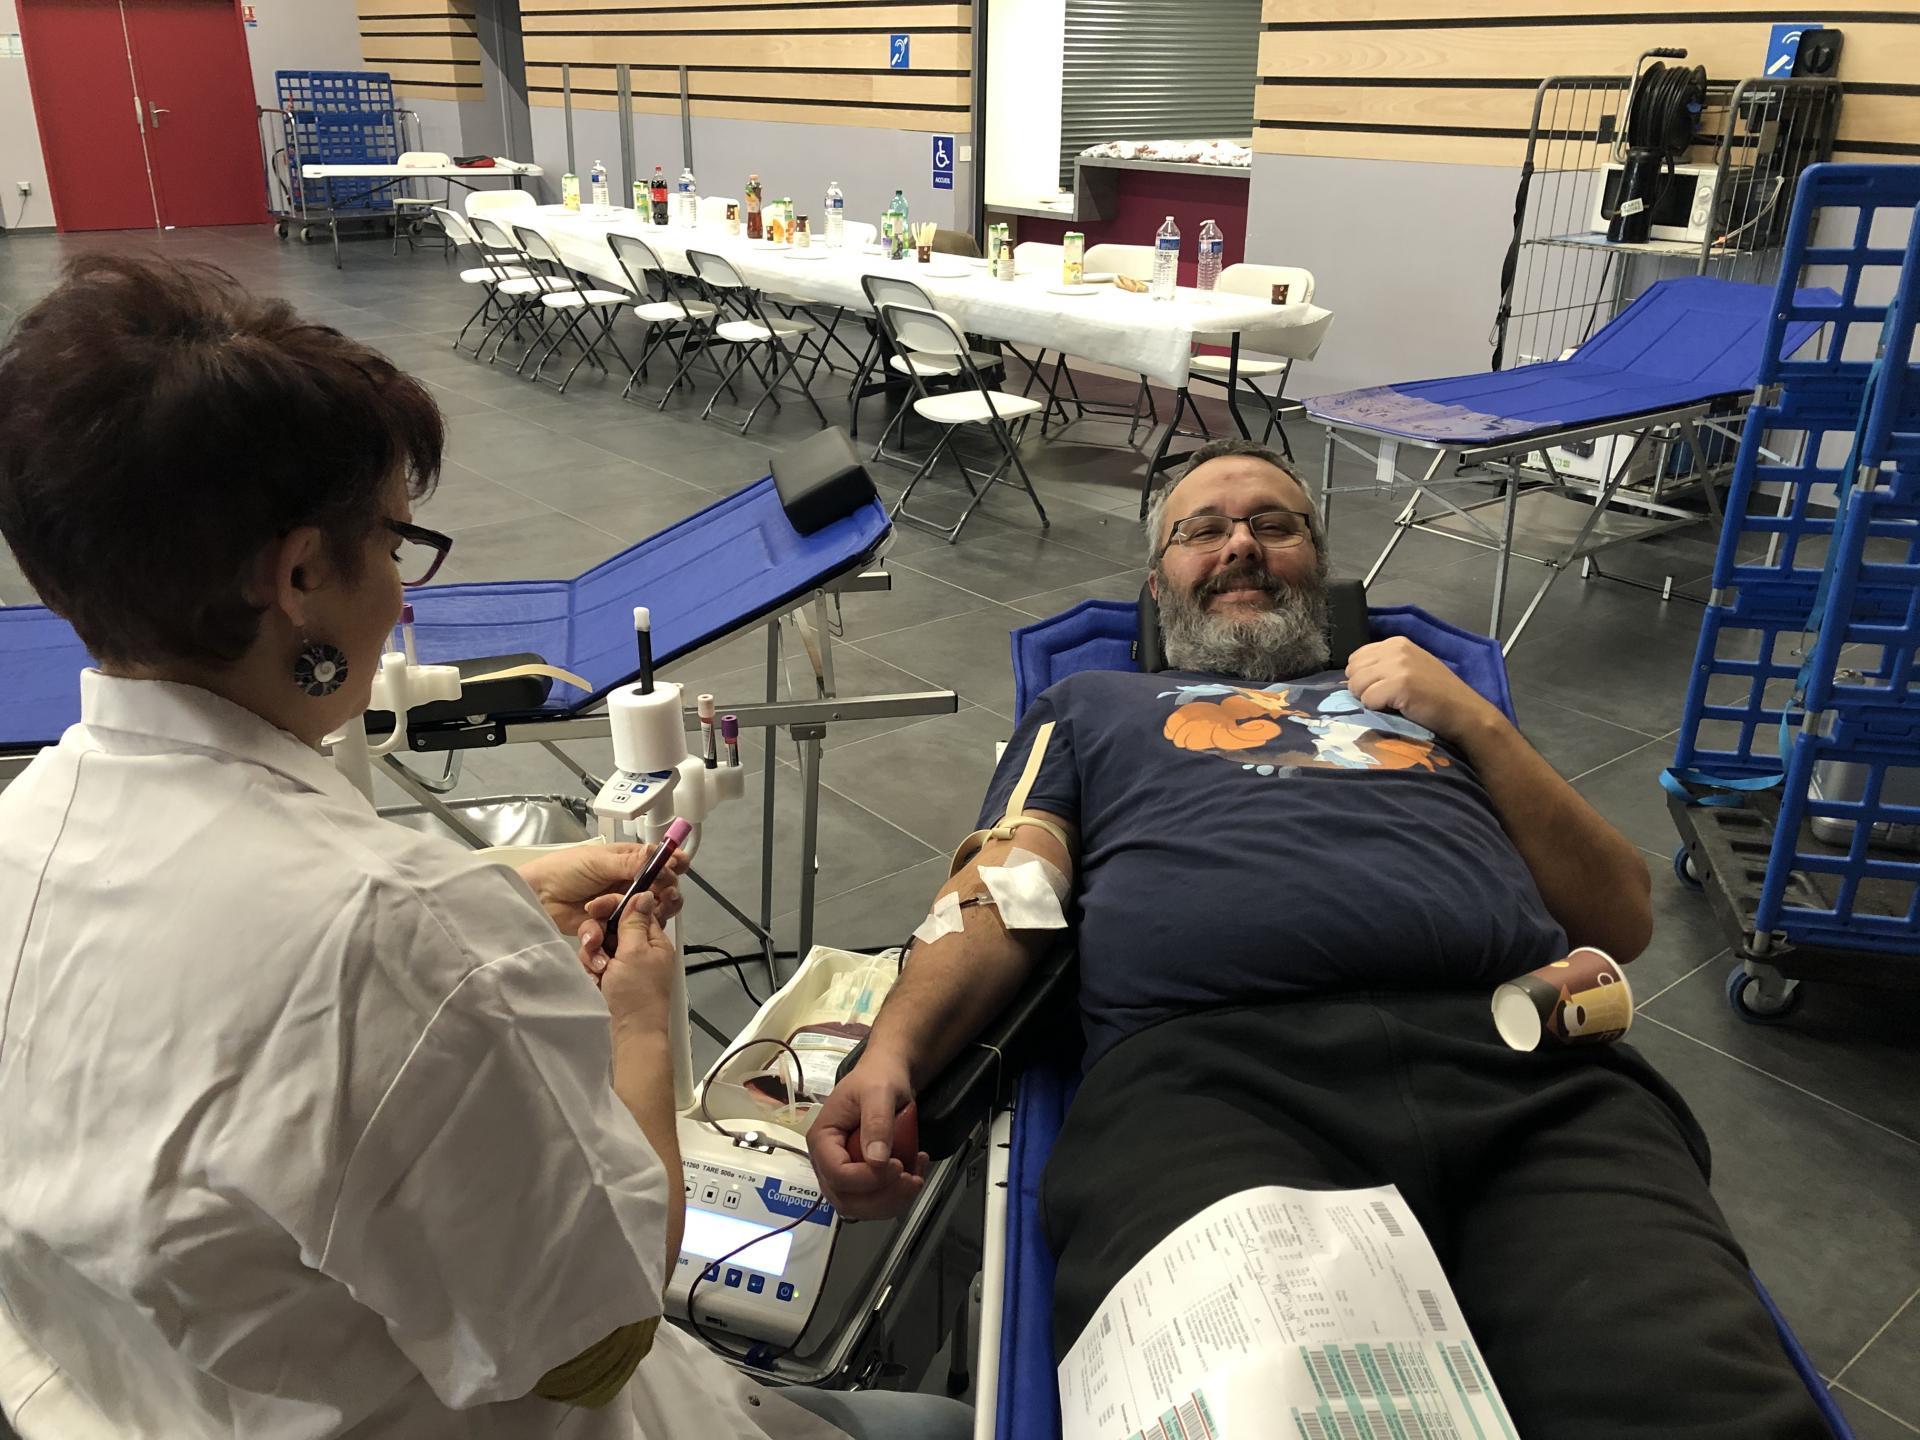 Collecte de sang montady du 18 11 2019 8